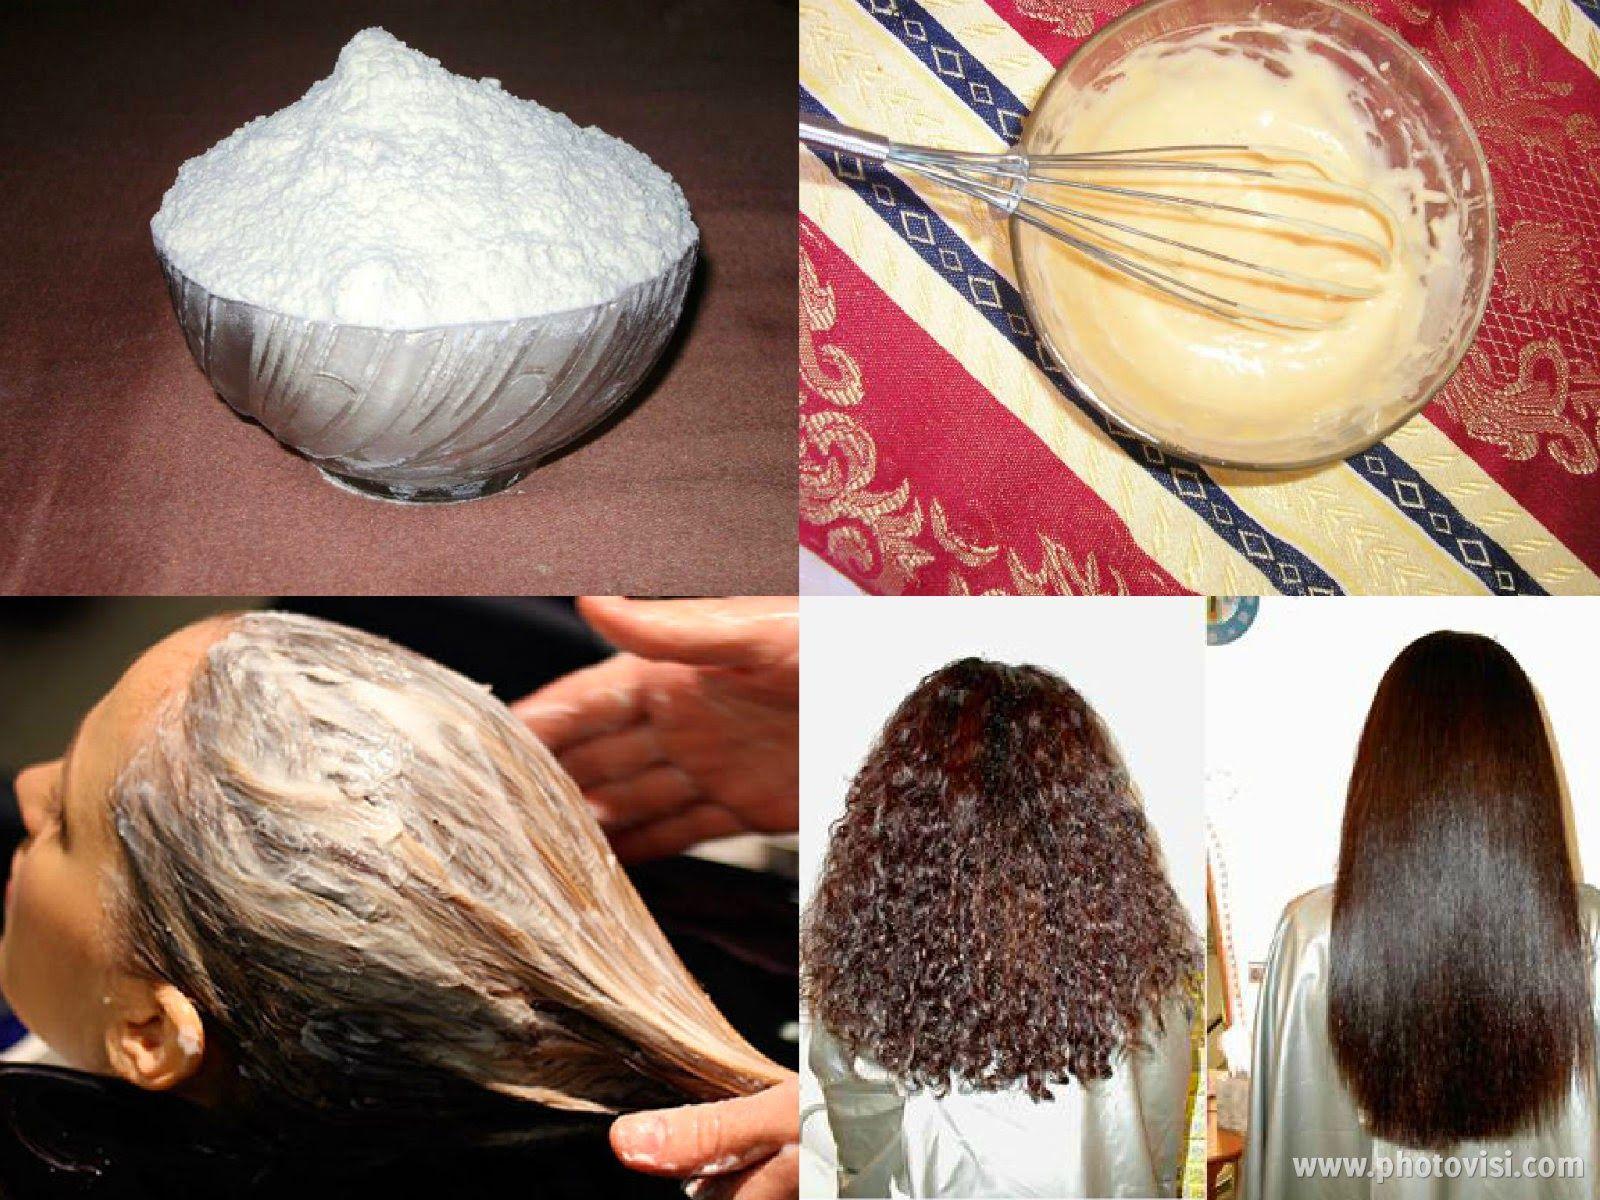 عالم الطبخ والجمال فرد الشعر بالنشا افضل طرق الفرد الطبيعية Hair Hair Care Beauty